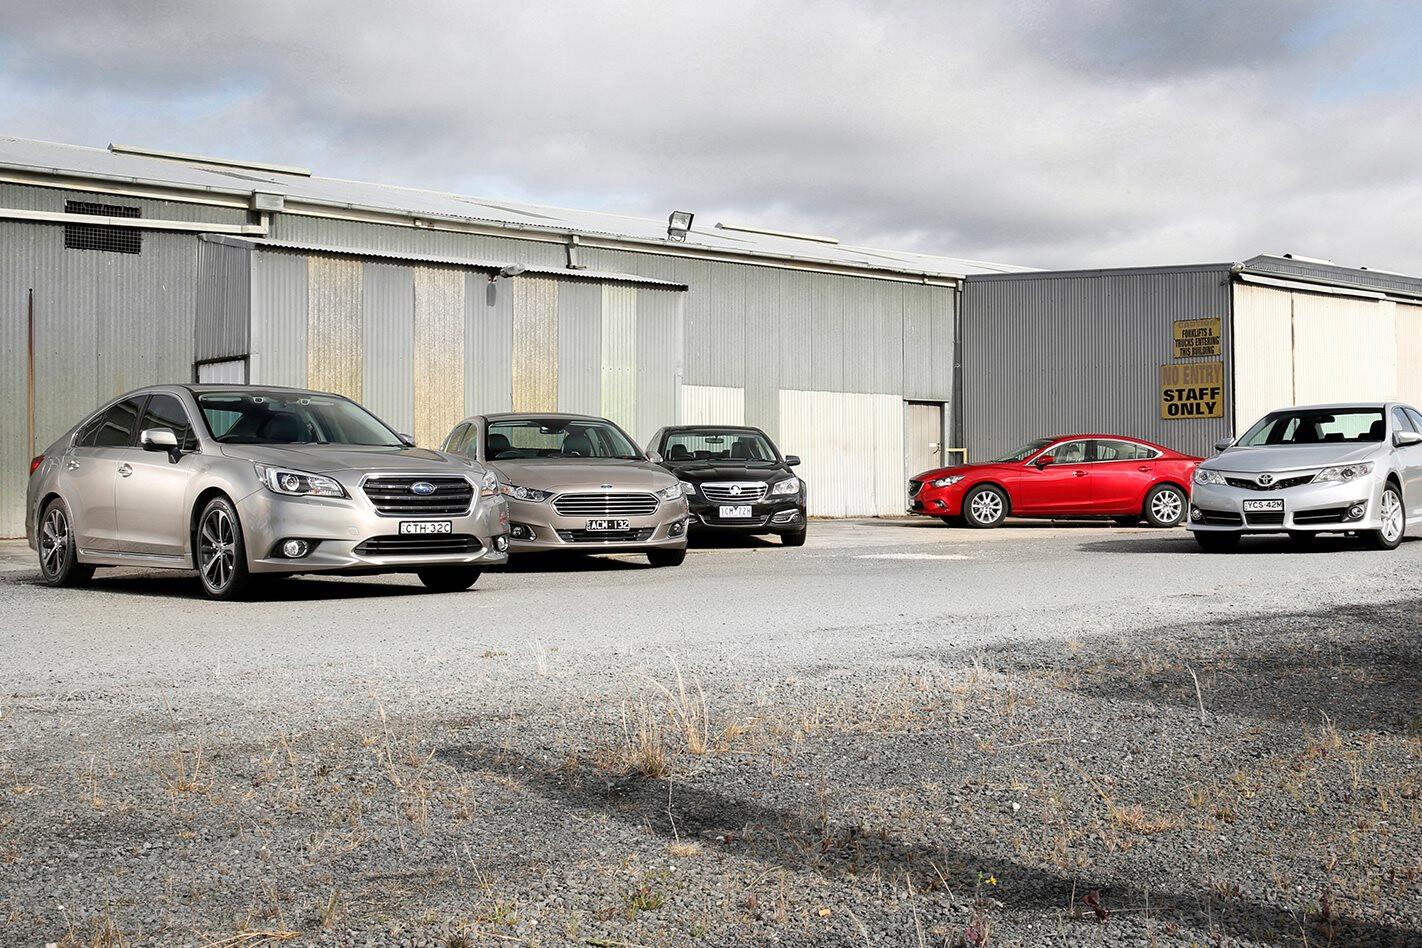 Subaru Liberty v Falcon G6E v Holden Calais v Mazda 6 v Toyota Camry comparison review